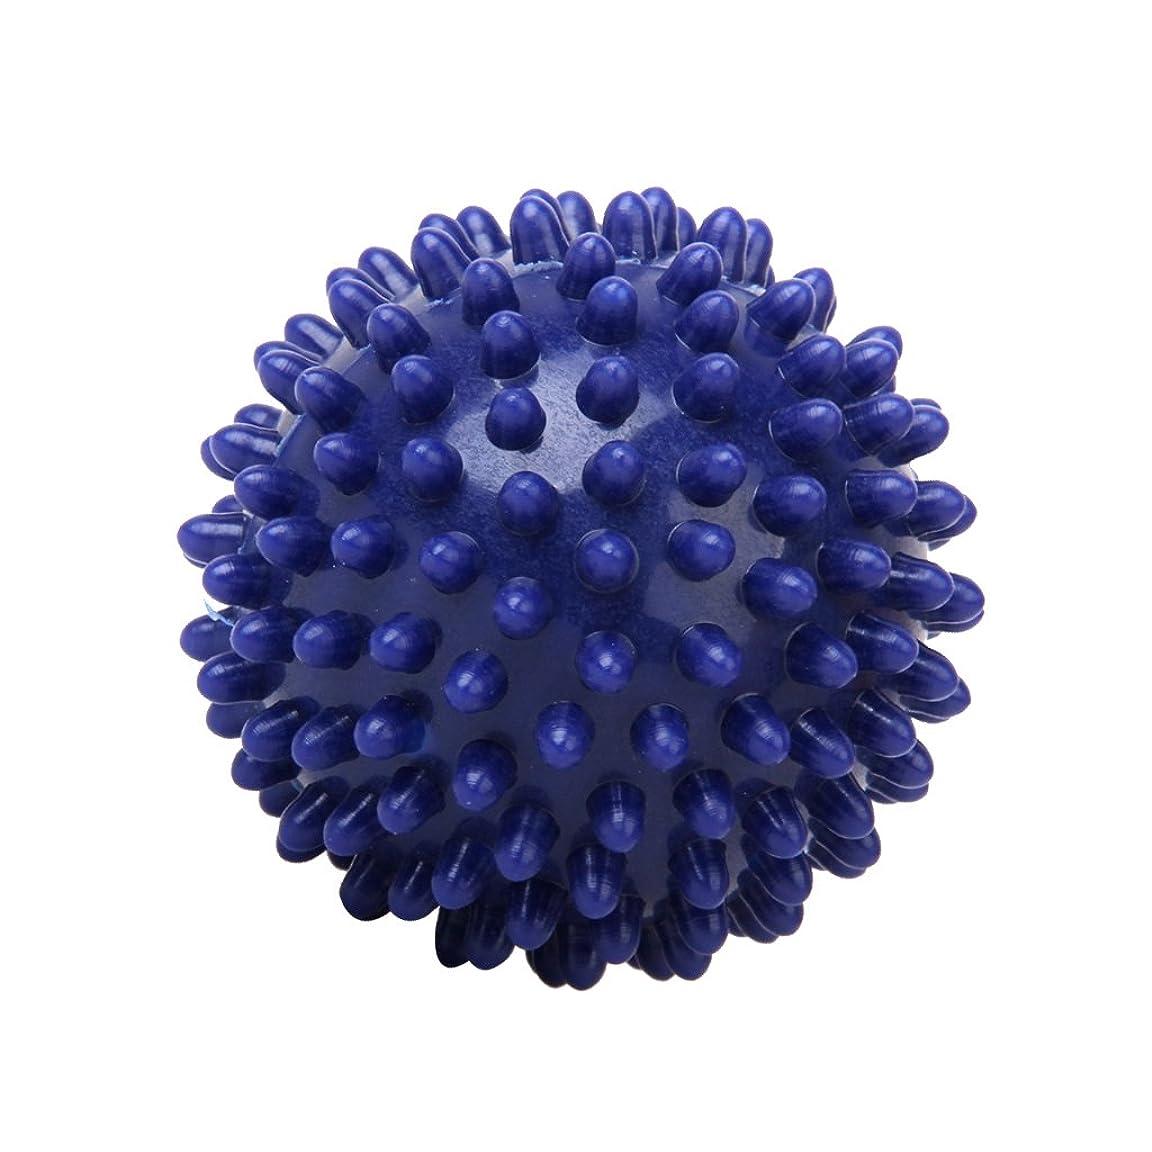 どのくらいの頻度で温室増強する【Footful】マッサージボール 手のひら、足、足首、すね、腕、首や背中マッサージ 筋肉緊張を和らげ 血液循環を促進 6cm ソブルー